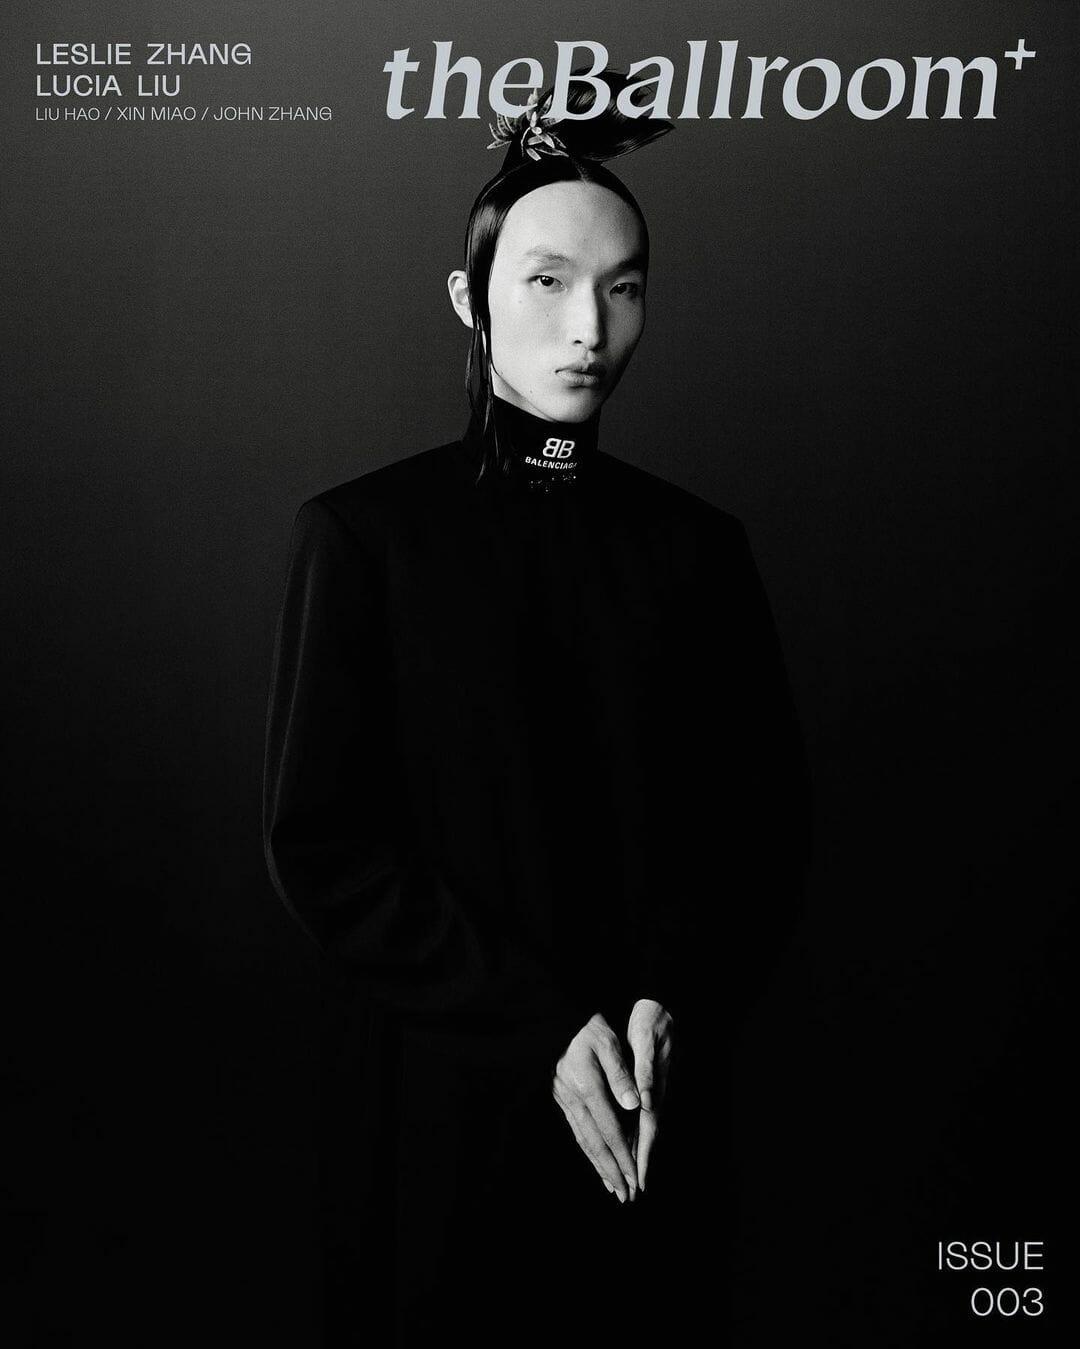 couverture du magazine de mode The Ballroom réalisée par le photographe chinois Leslie Zhang